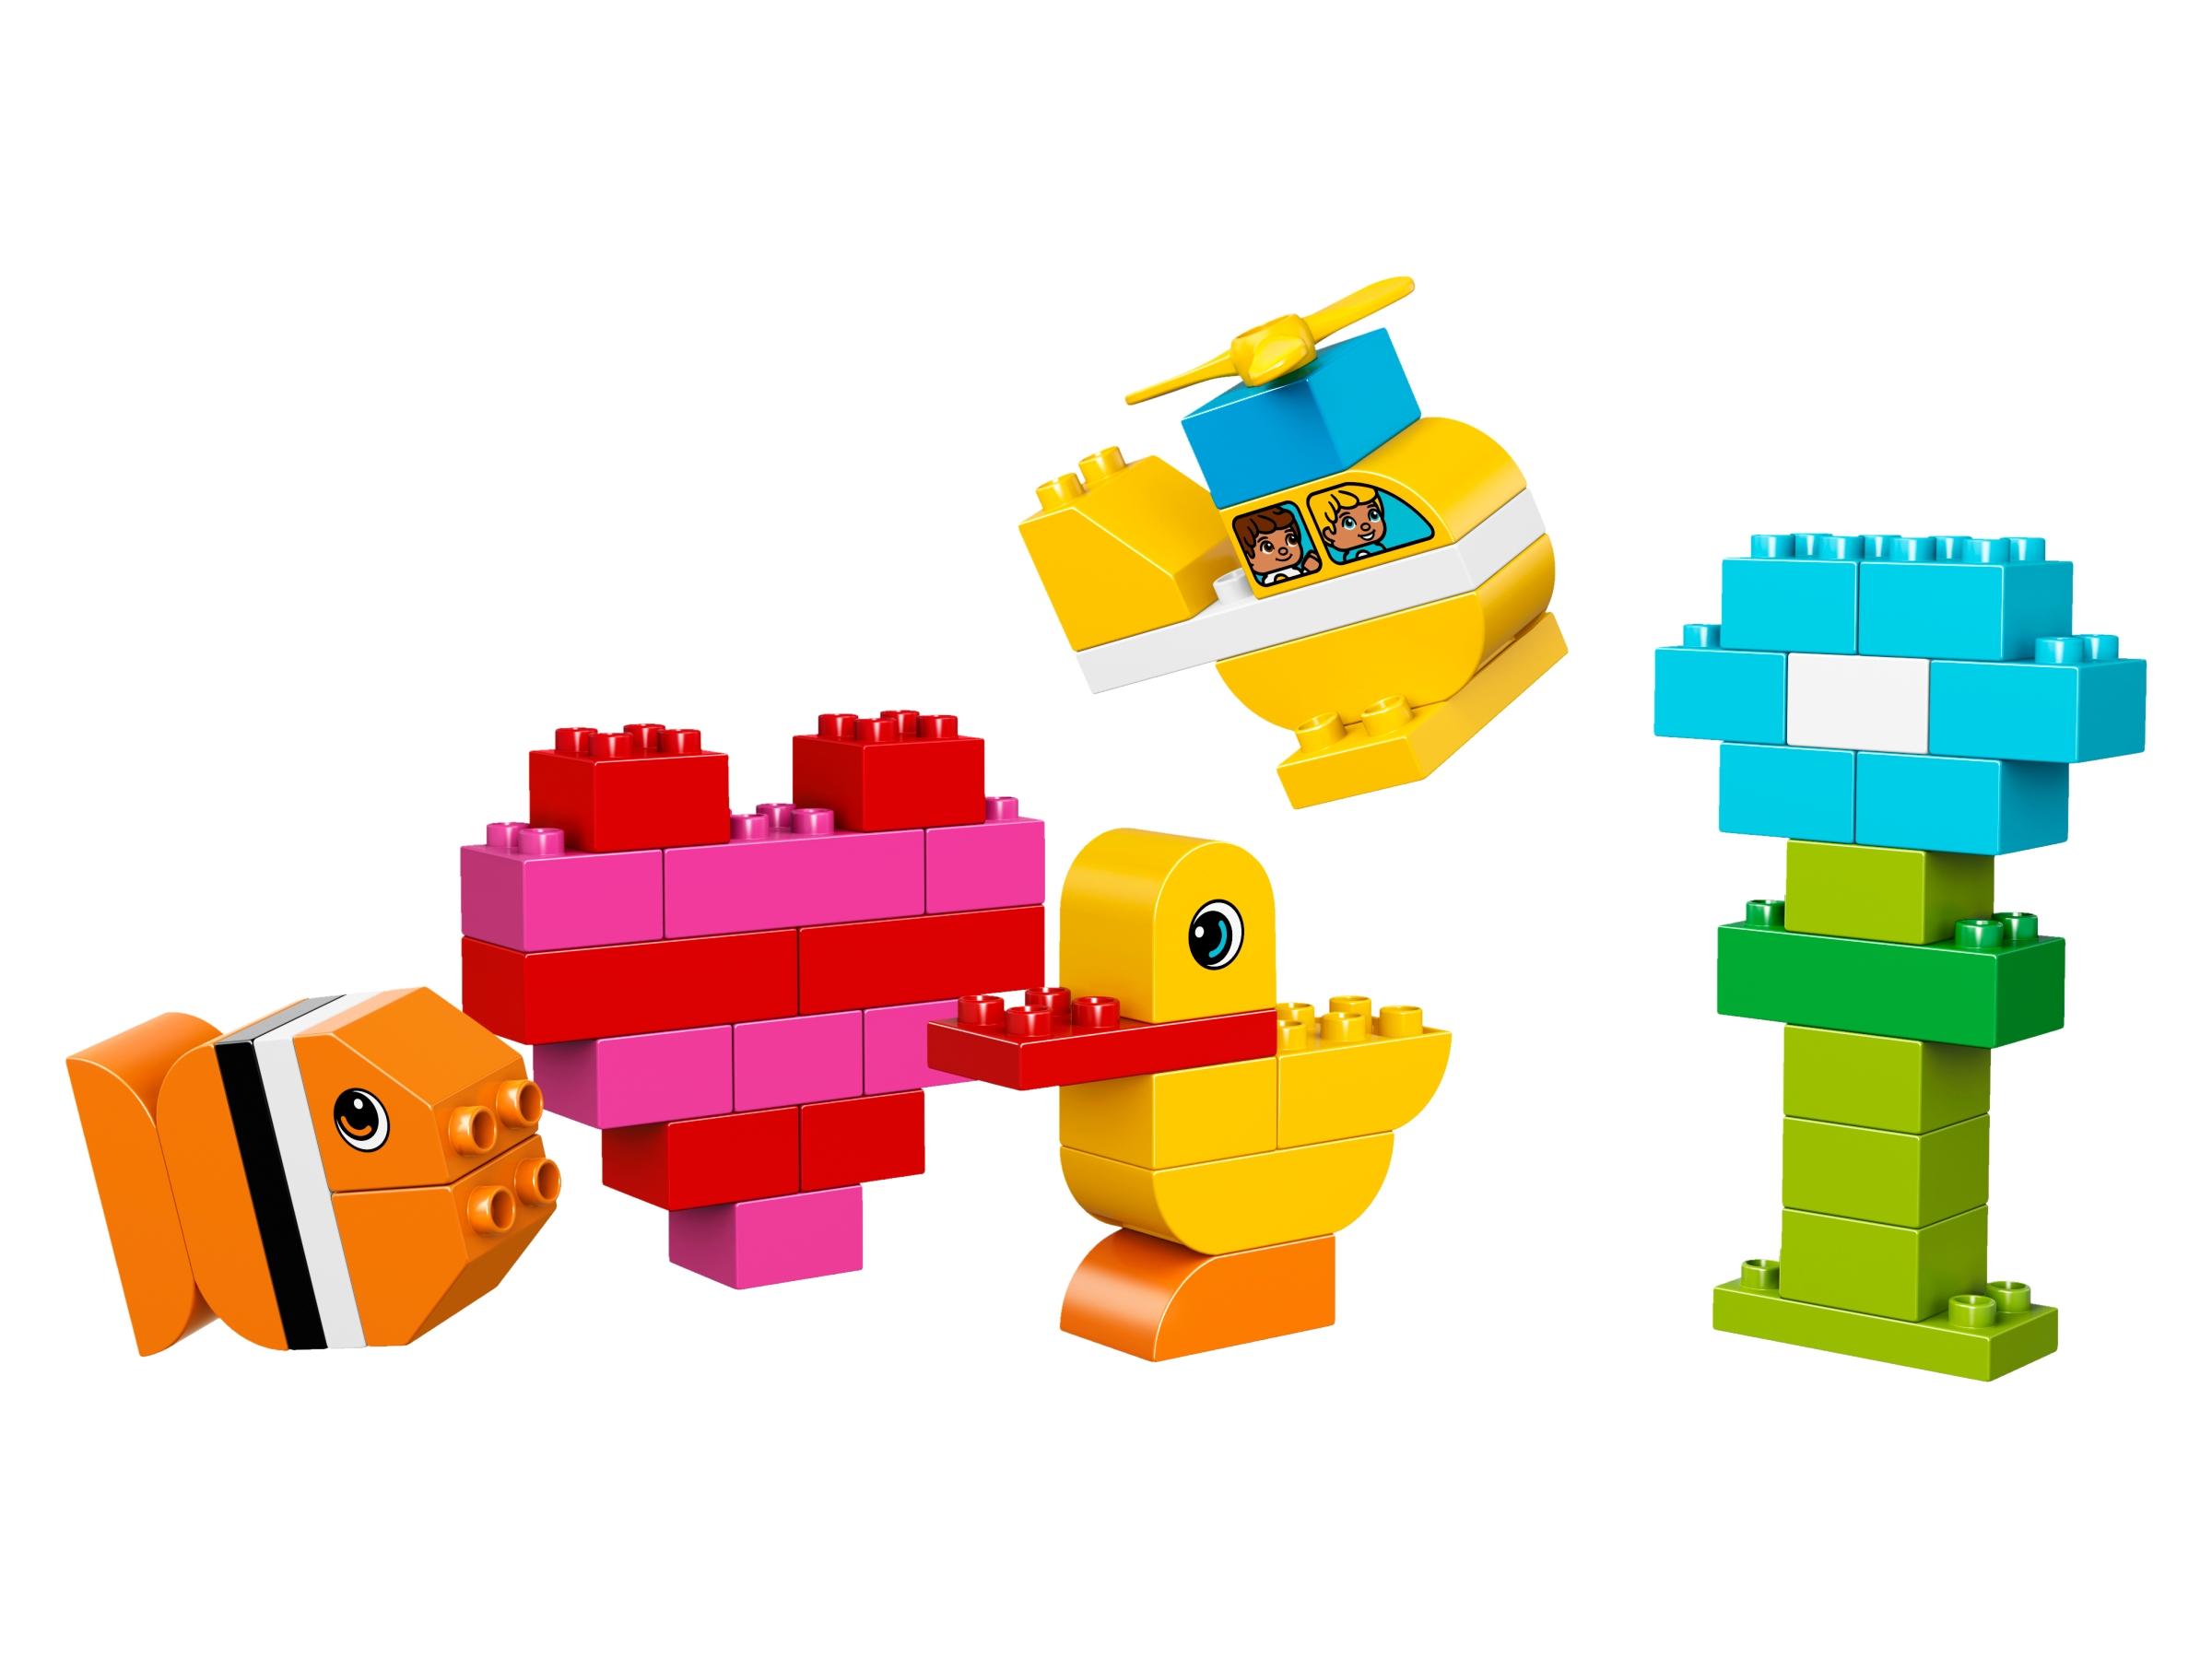 我的第一套顆粒 10848 | DUPLO® | 在HK LEGO® 官方網上商店網上購物